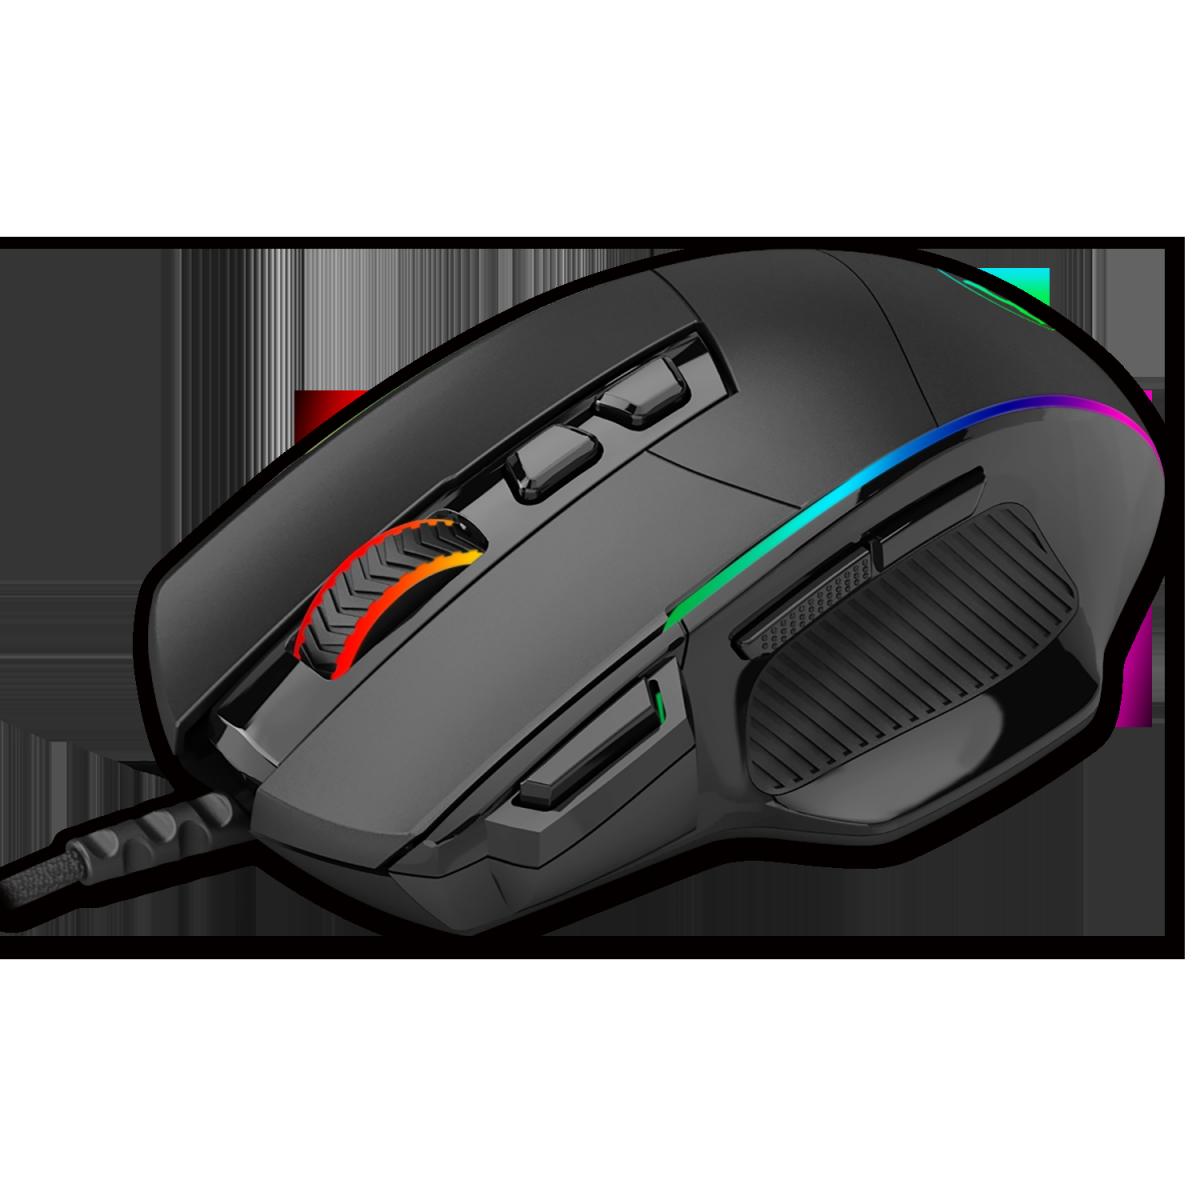 Mouse Gamer T-Dagger Roadmaster RGB, 8000 DPI, 8 Botões, Black, T-TGM307